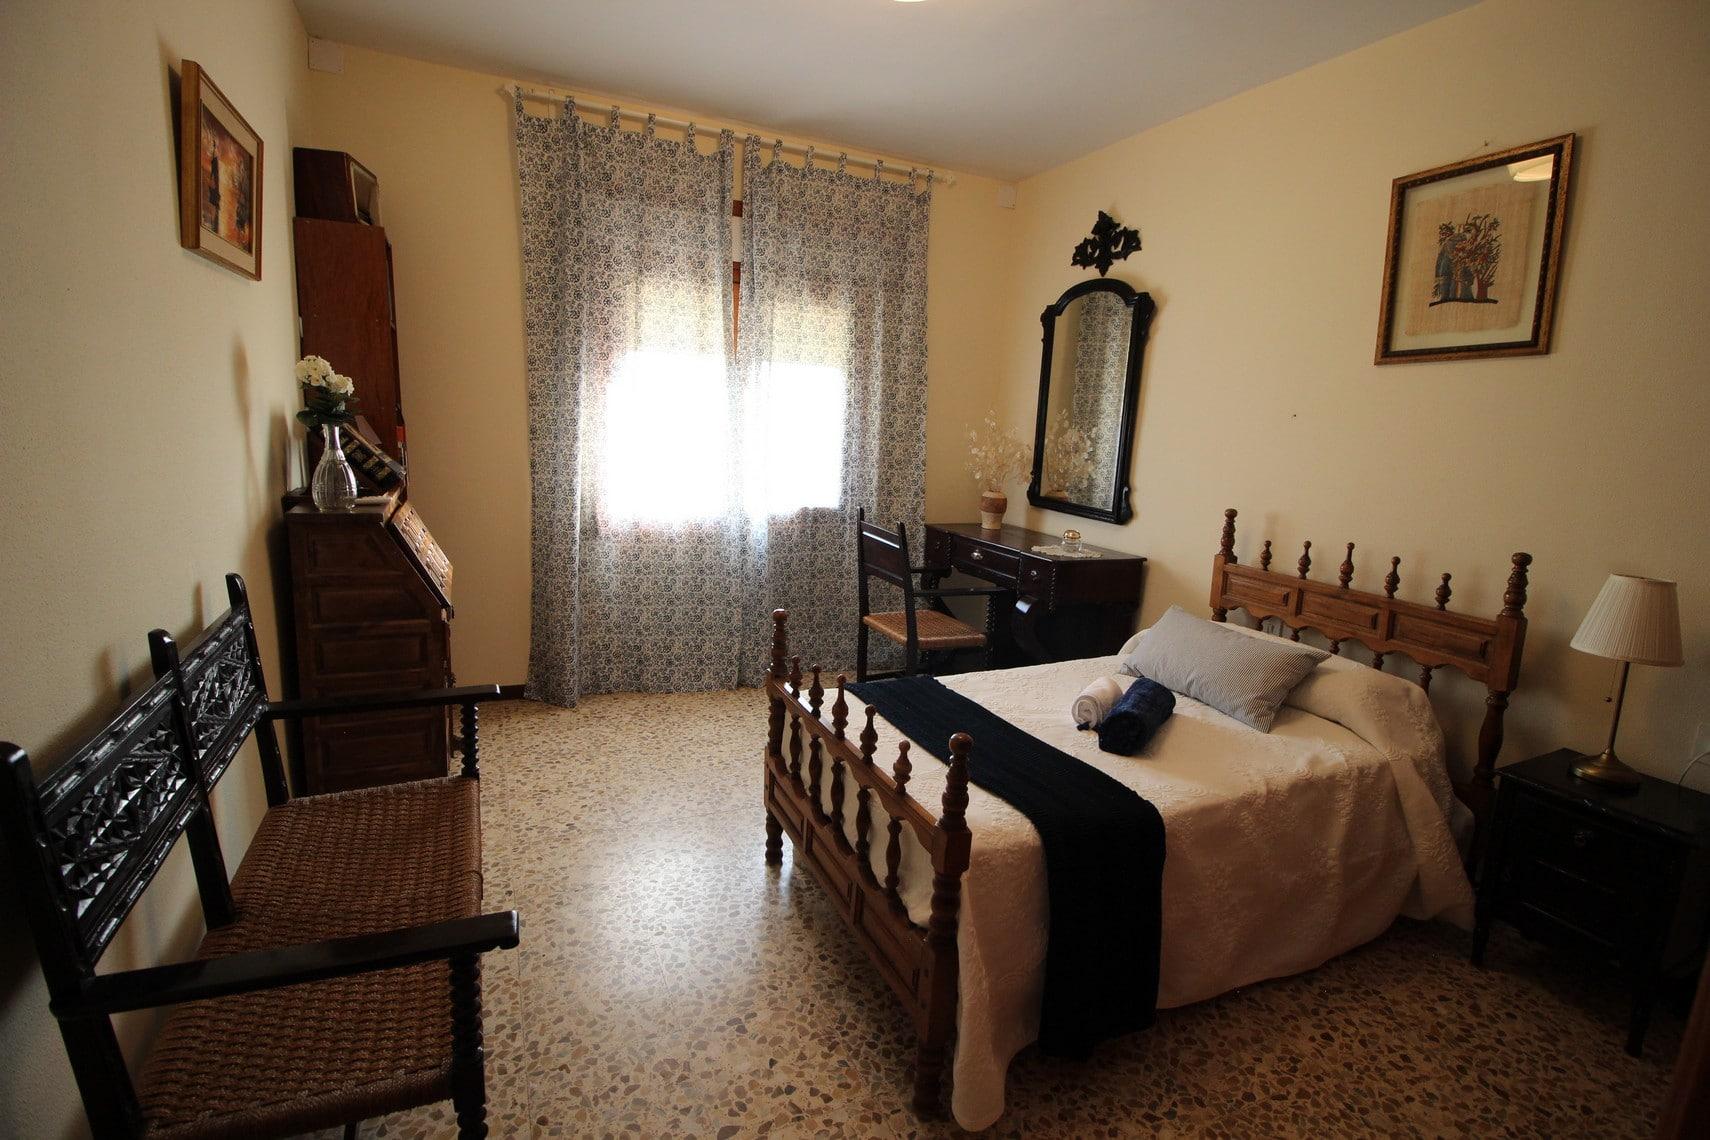 habitación1_las_hazas jarandilla001